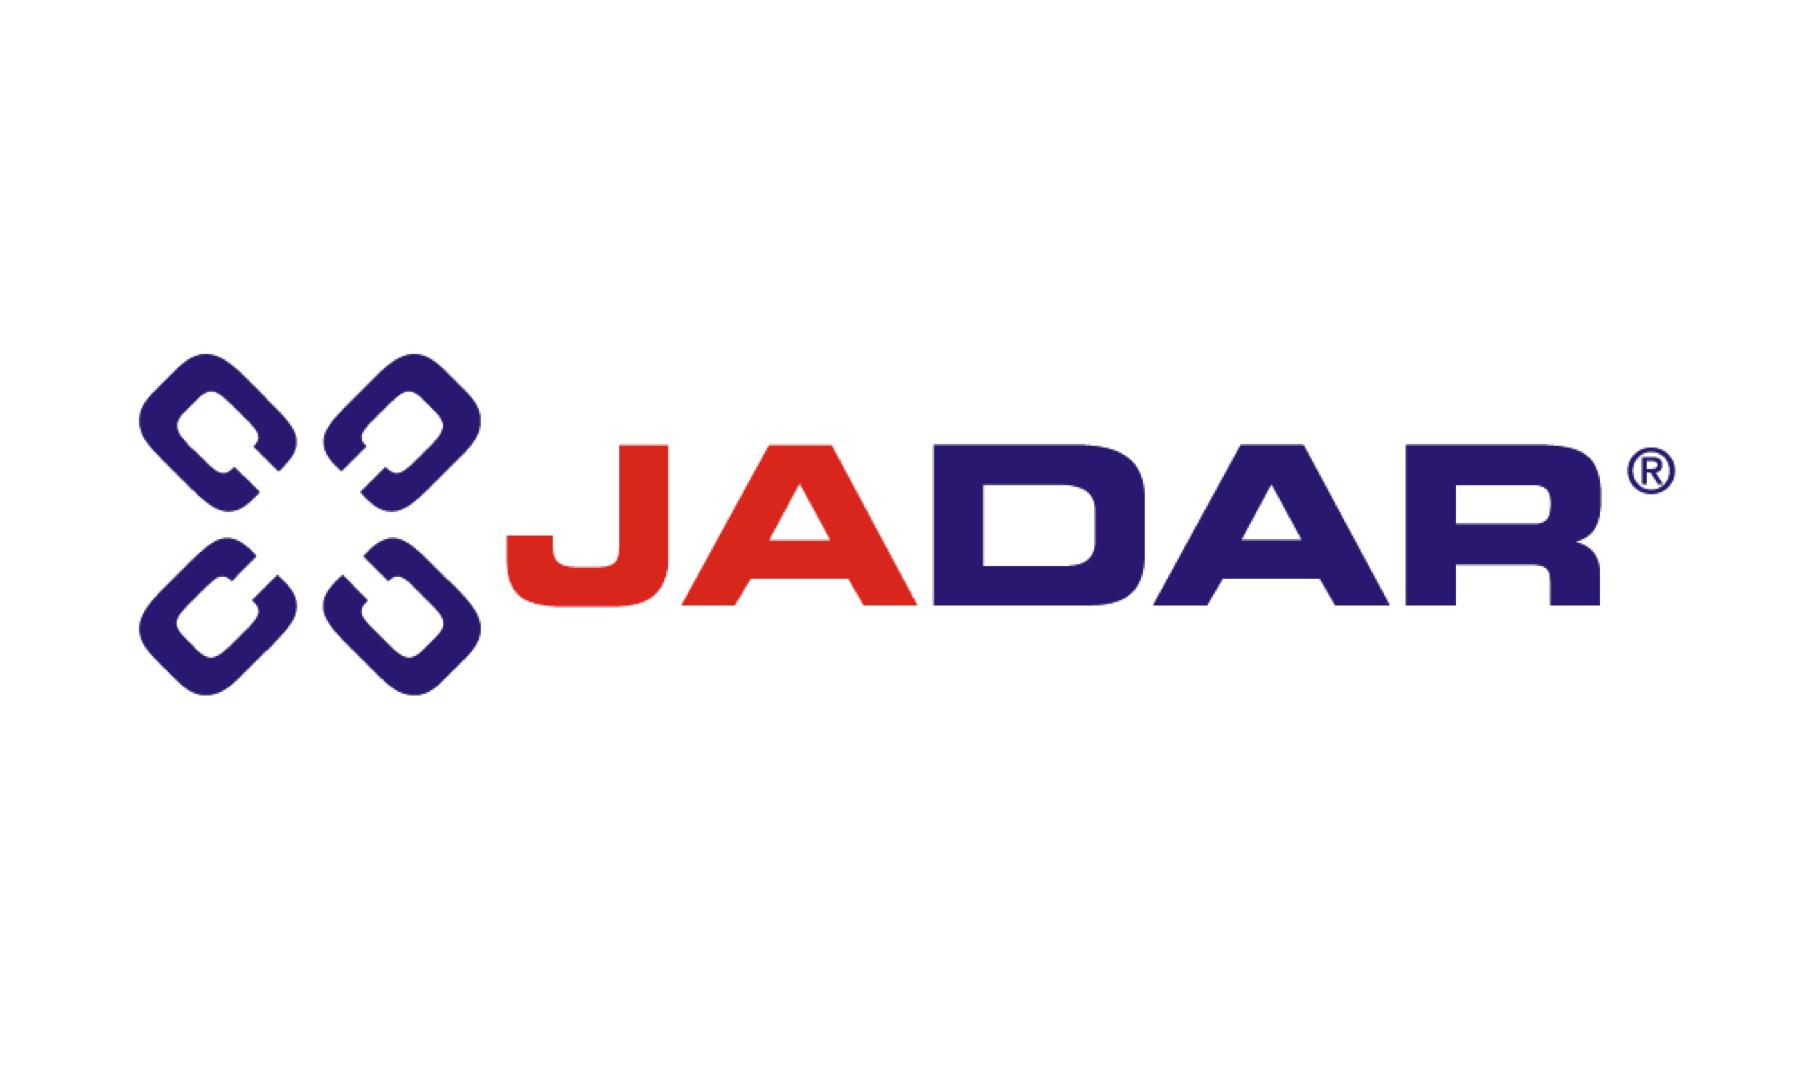 JADAR wybuduje fabrykę w Lublinie